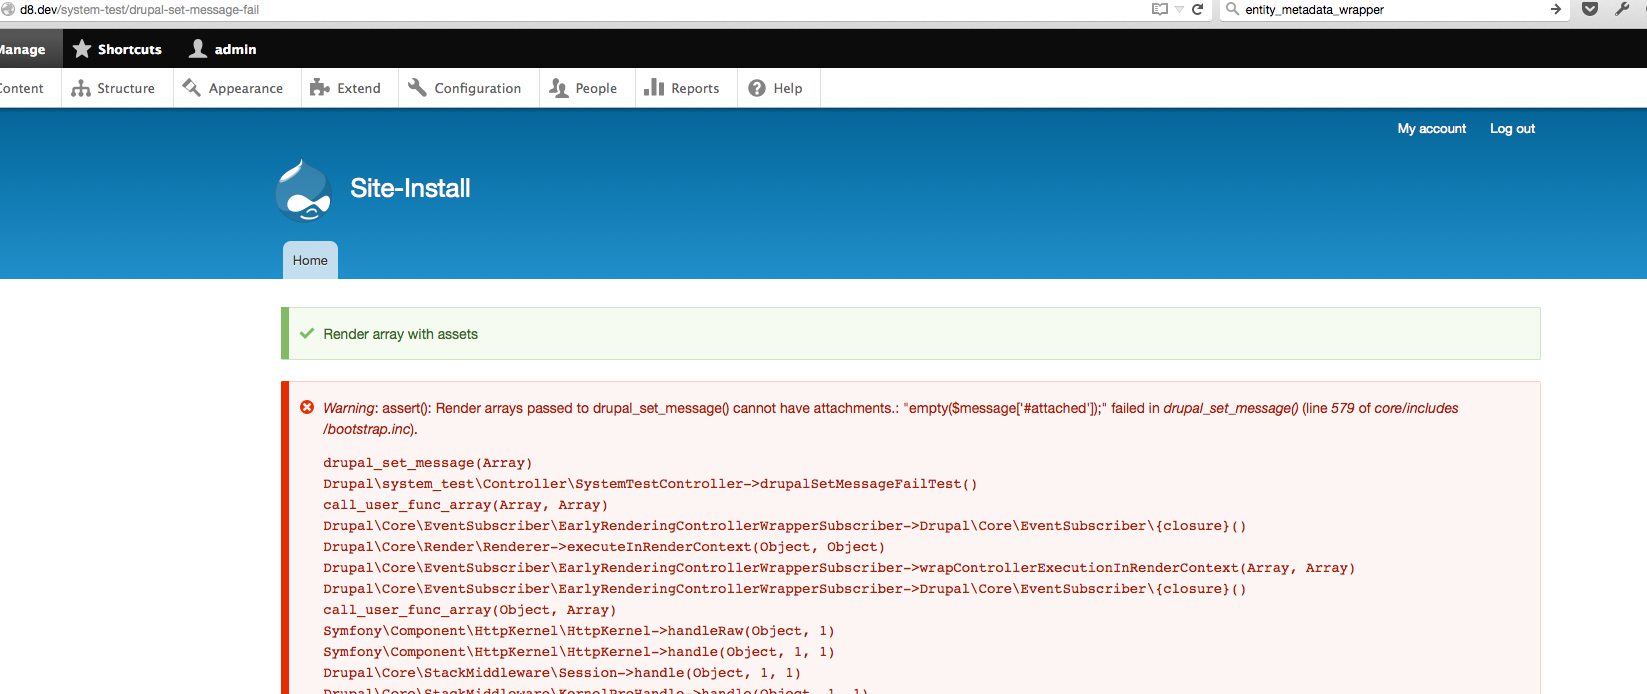 Support render arrays for drupal_set_message() [#2505497] | Drupal org